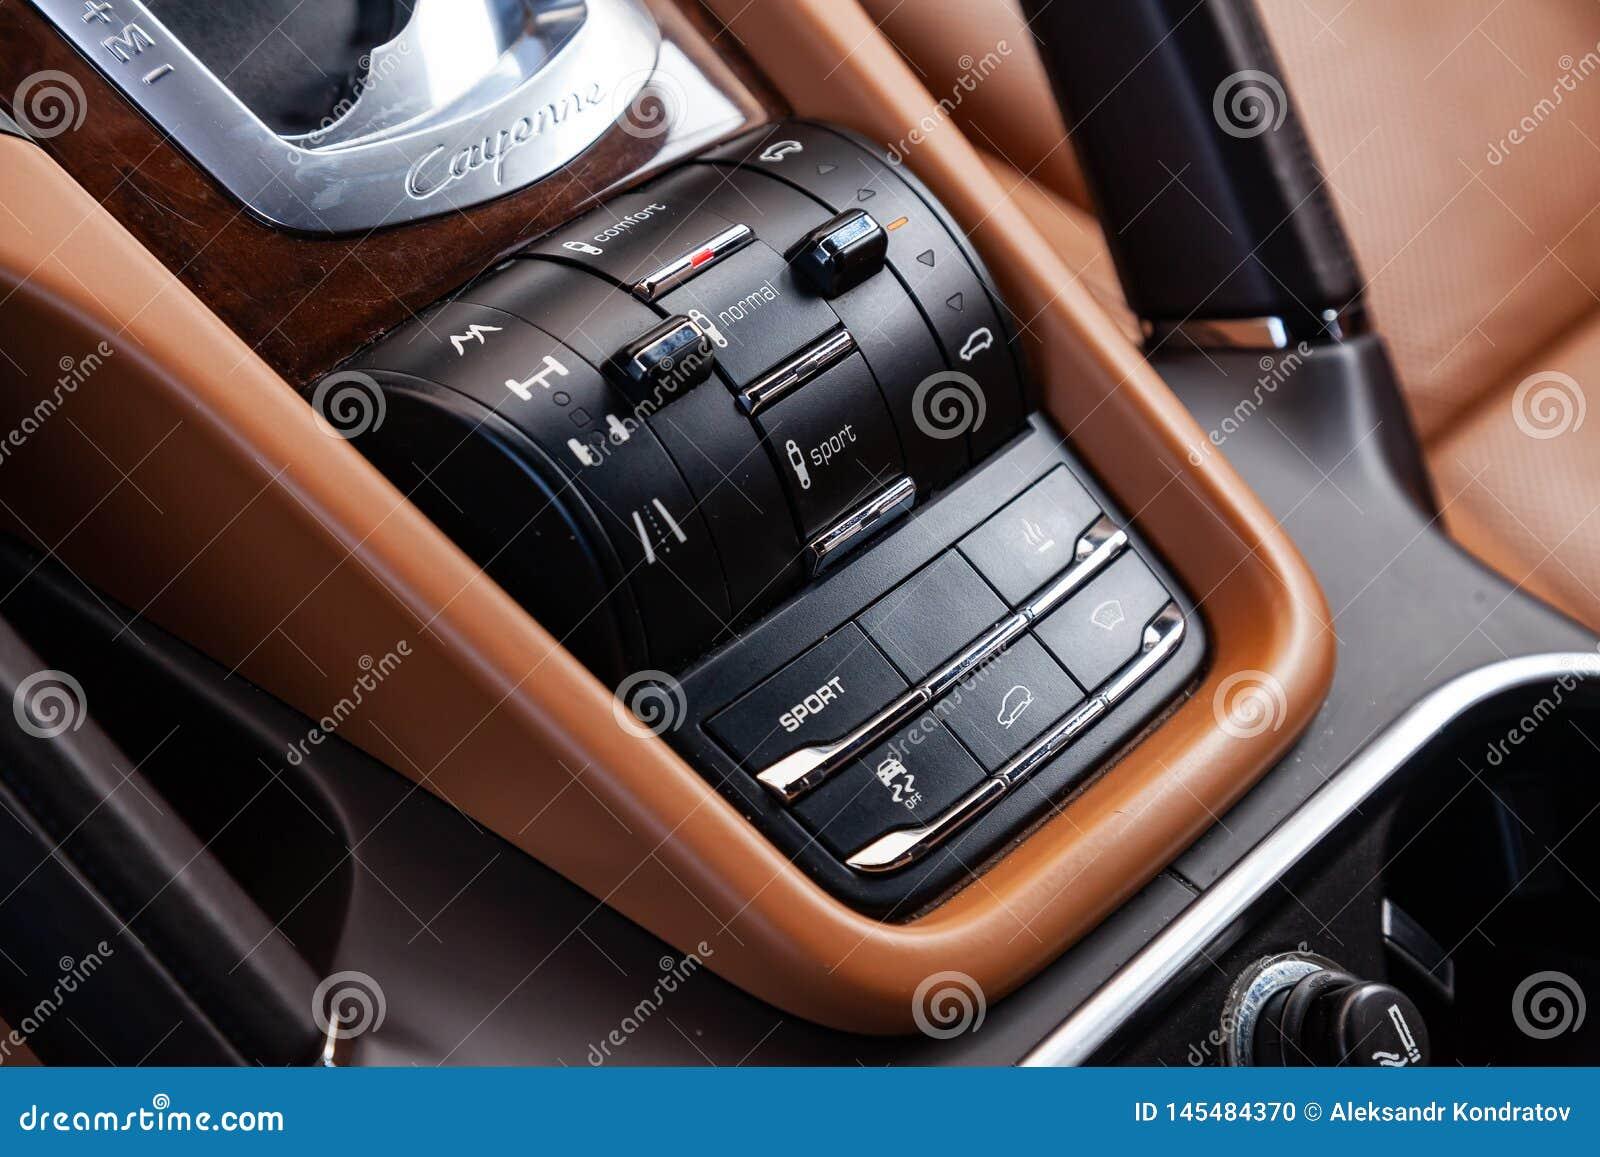 O Interior Do Carro Porsche Cayenne 958 2011 Anos Com Uma Vista Dos Botoes Do Controle Da Suspensao E Do Chassi Do Ar Painel Imagem Editorial Imagem De Controle Interior 145484370